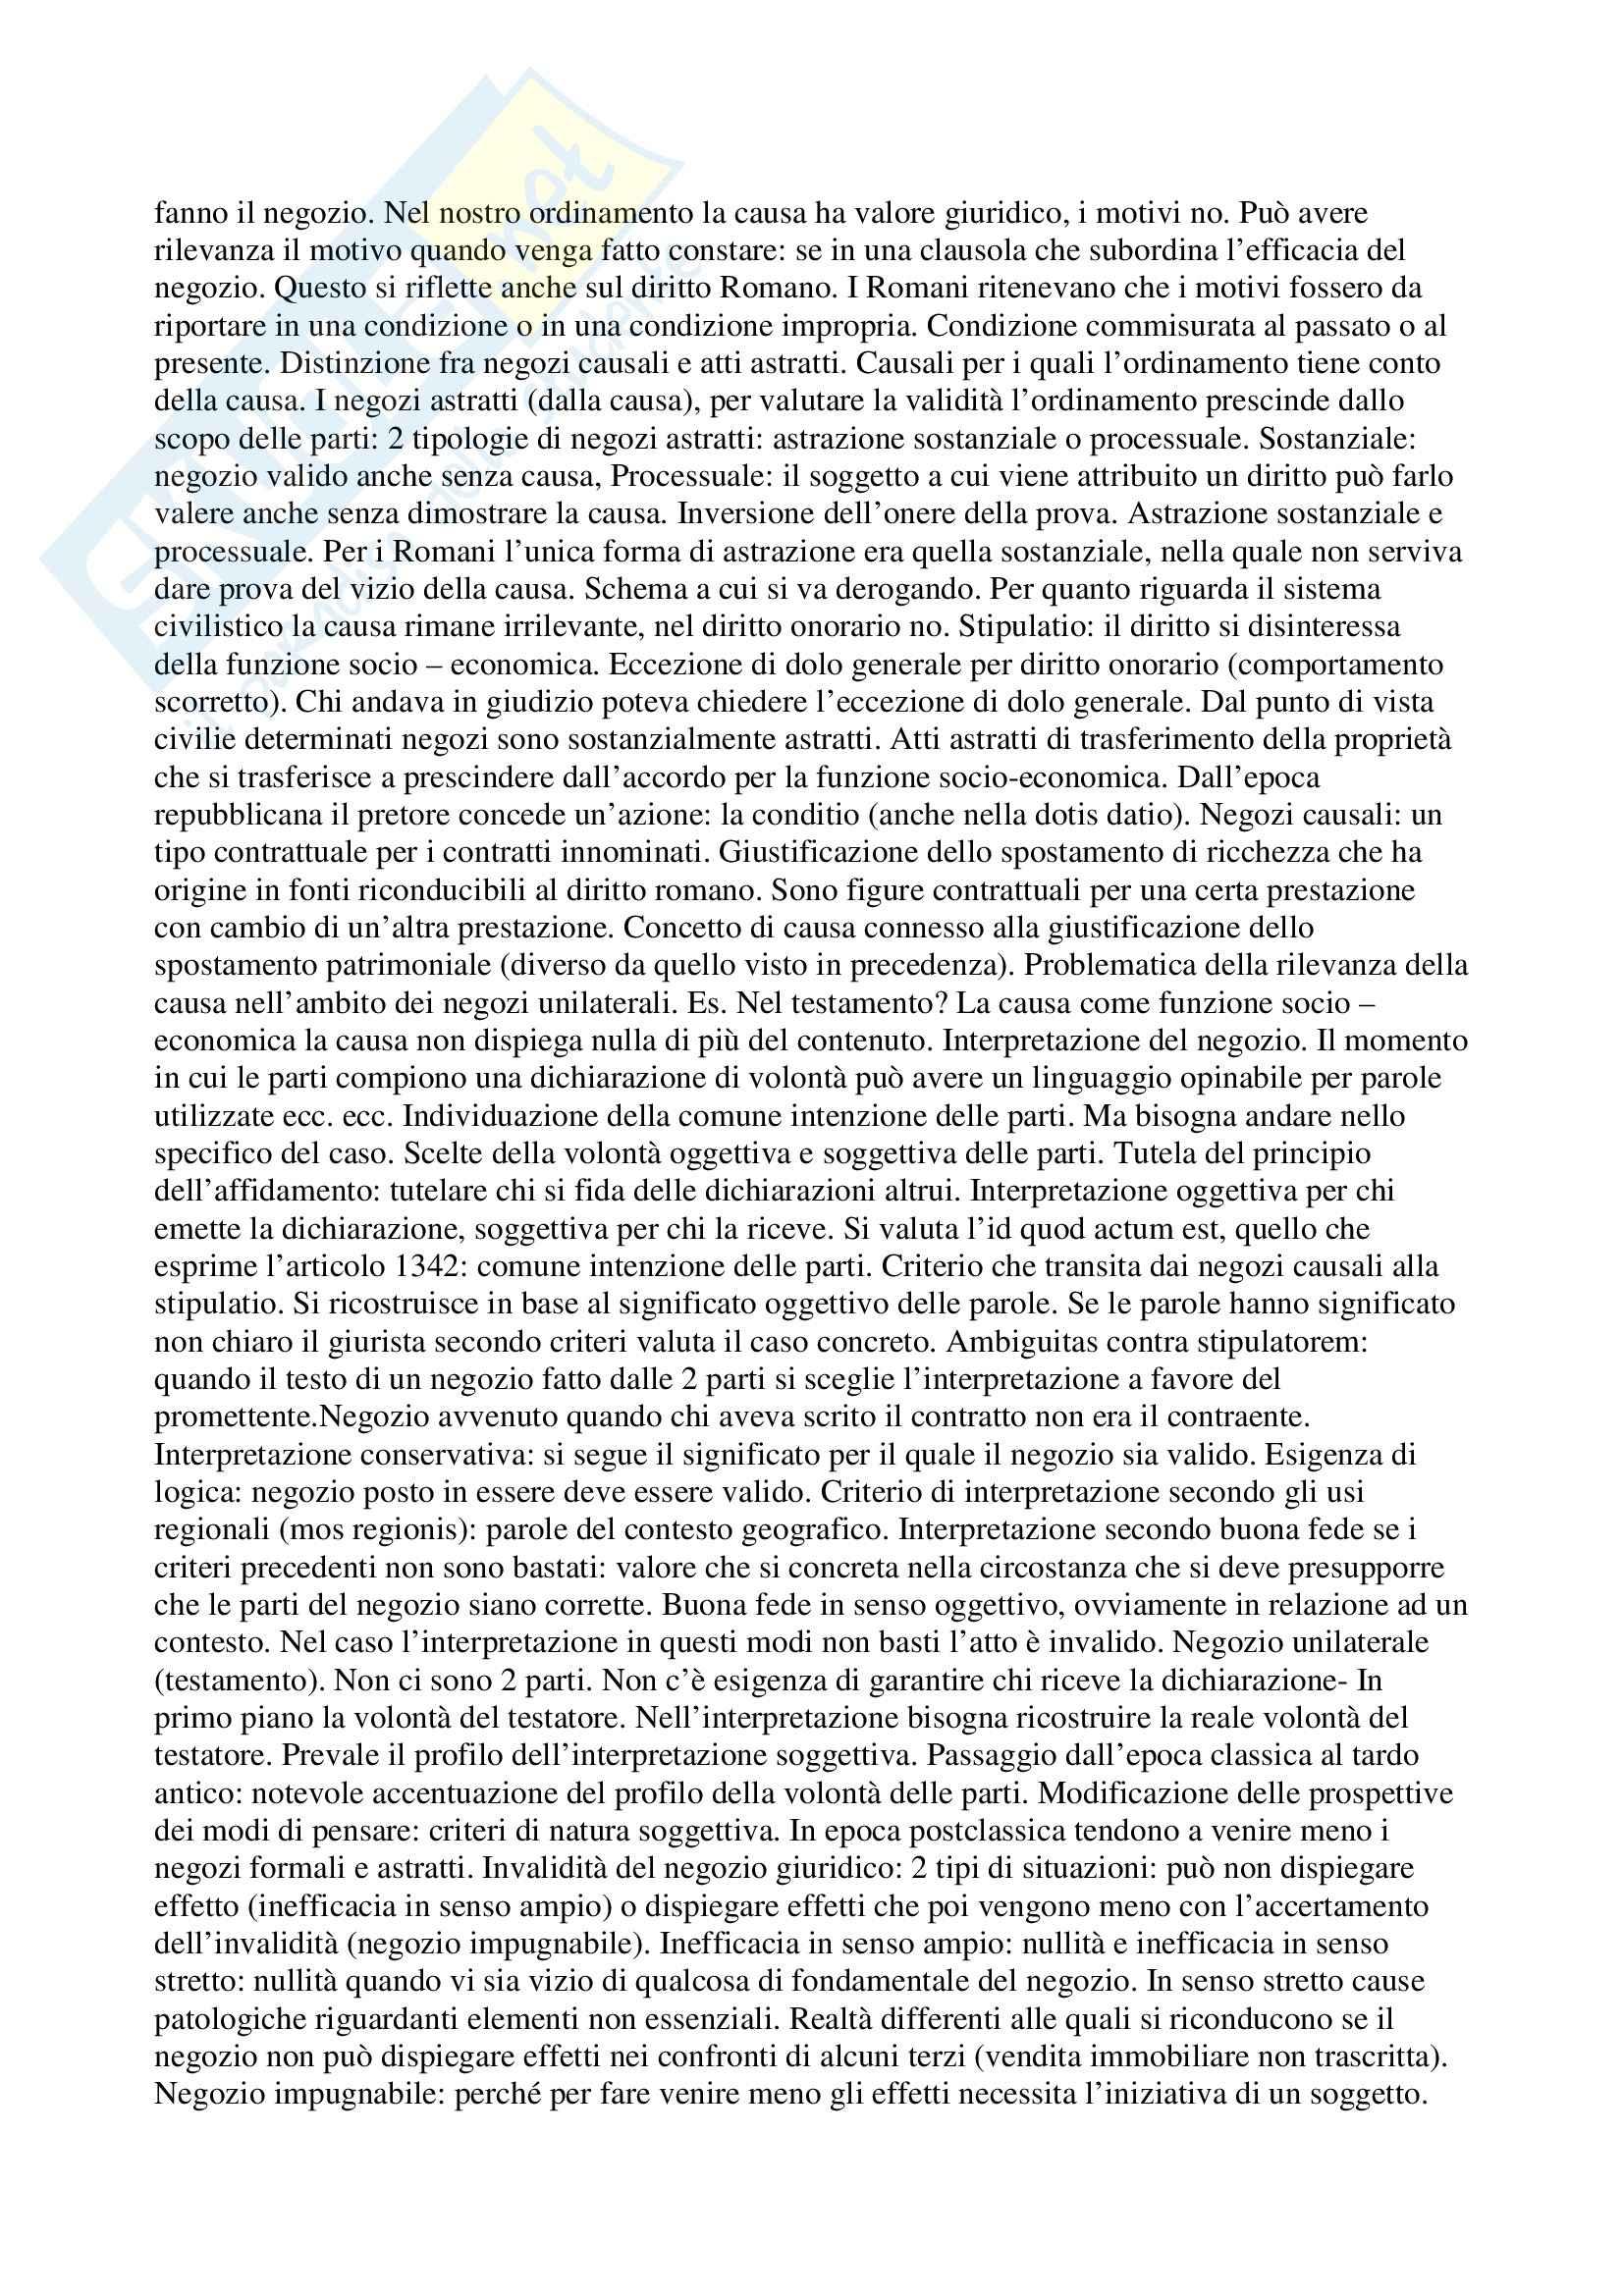 Istituzioni di diritto romano - Appunti Pag. 16